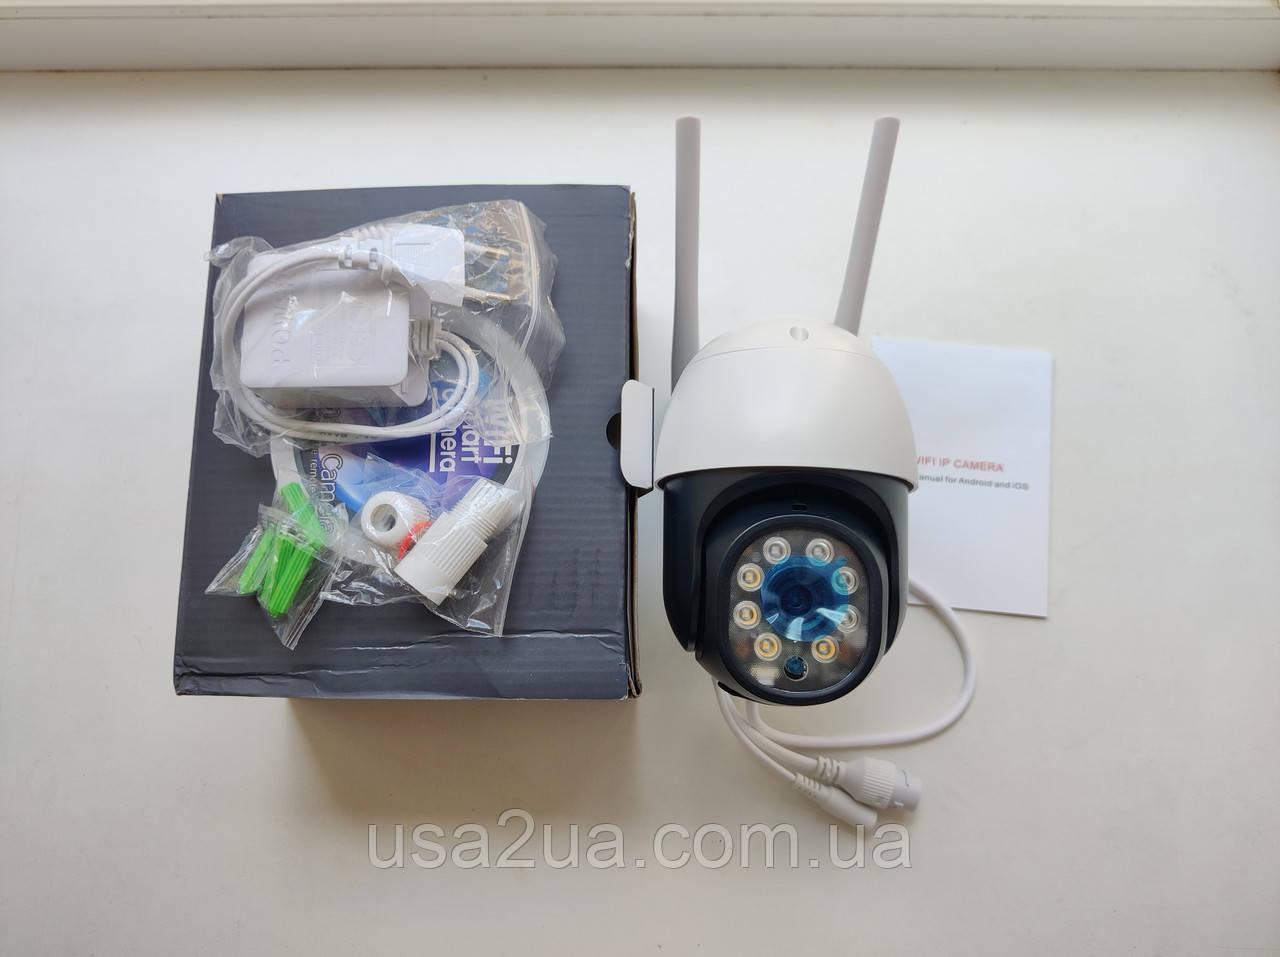 Бездротова поворотна 3 Мп вулична IP WiFi камера Besder BES-A8-3MP 1536P Onvif. iCSee гарантія кредит